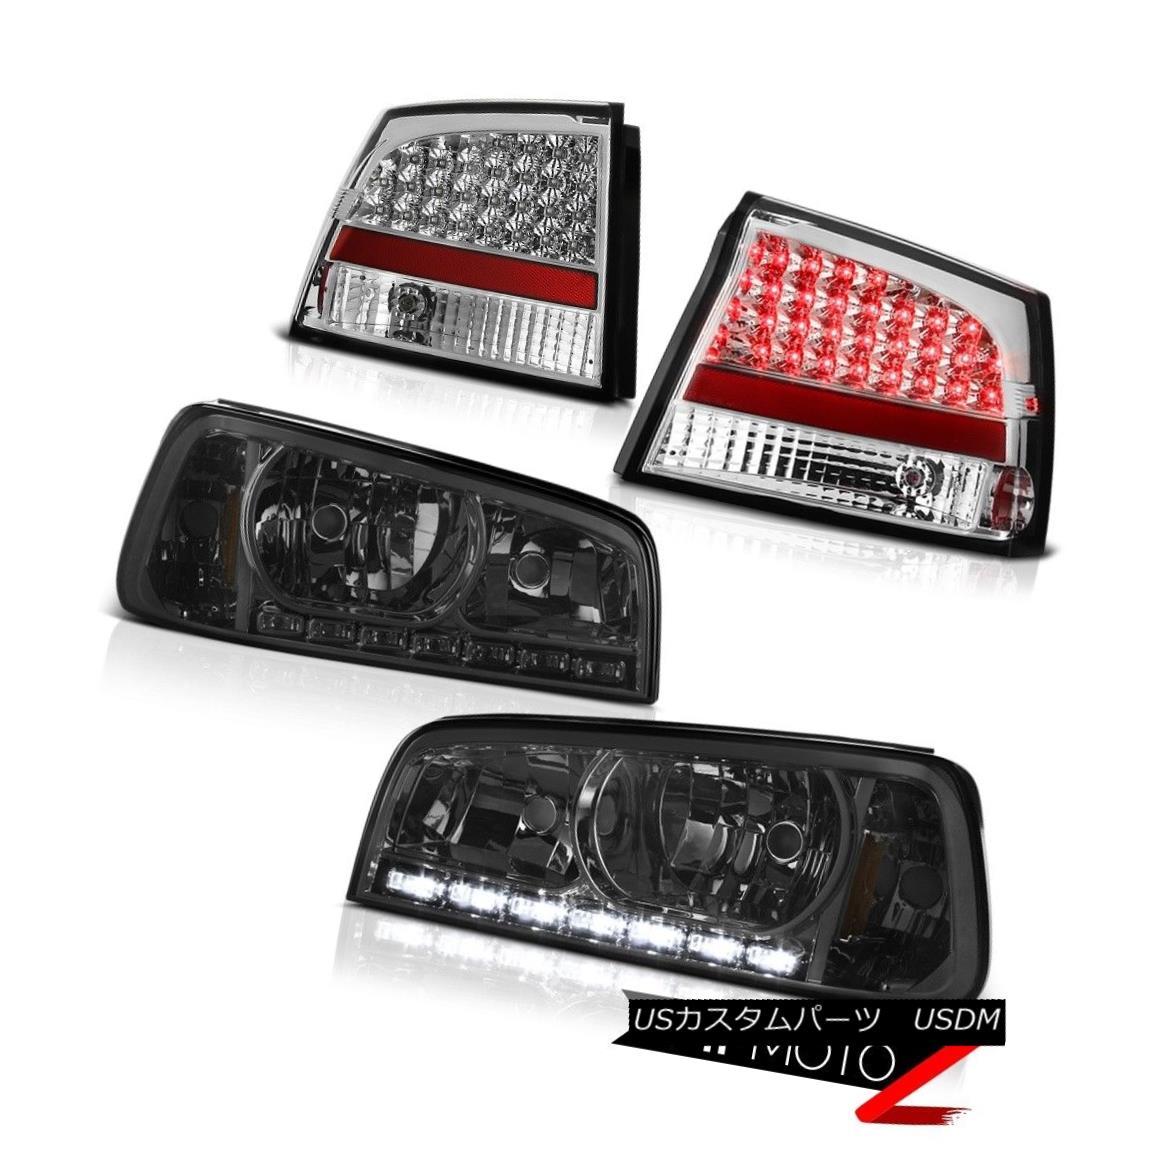 ヘッドライト 2006-2008 Dodge Charger 2.7L Left Right Smoke LED Headlights Chrome LED Taillamp 2006-2008ダッジチャージャー2.7L左スモークLEDヘッドライトクロームLEDトライアンランプ